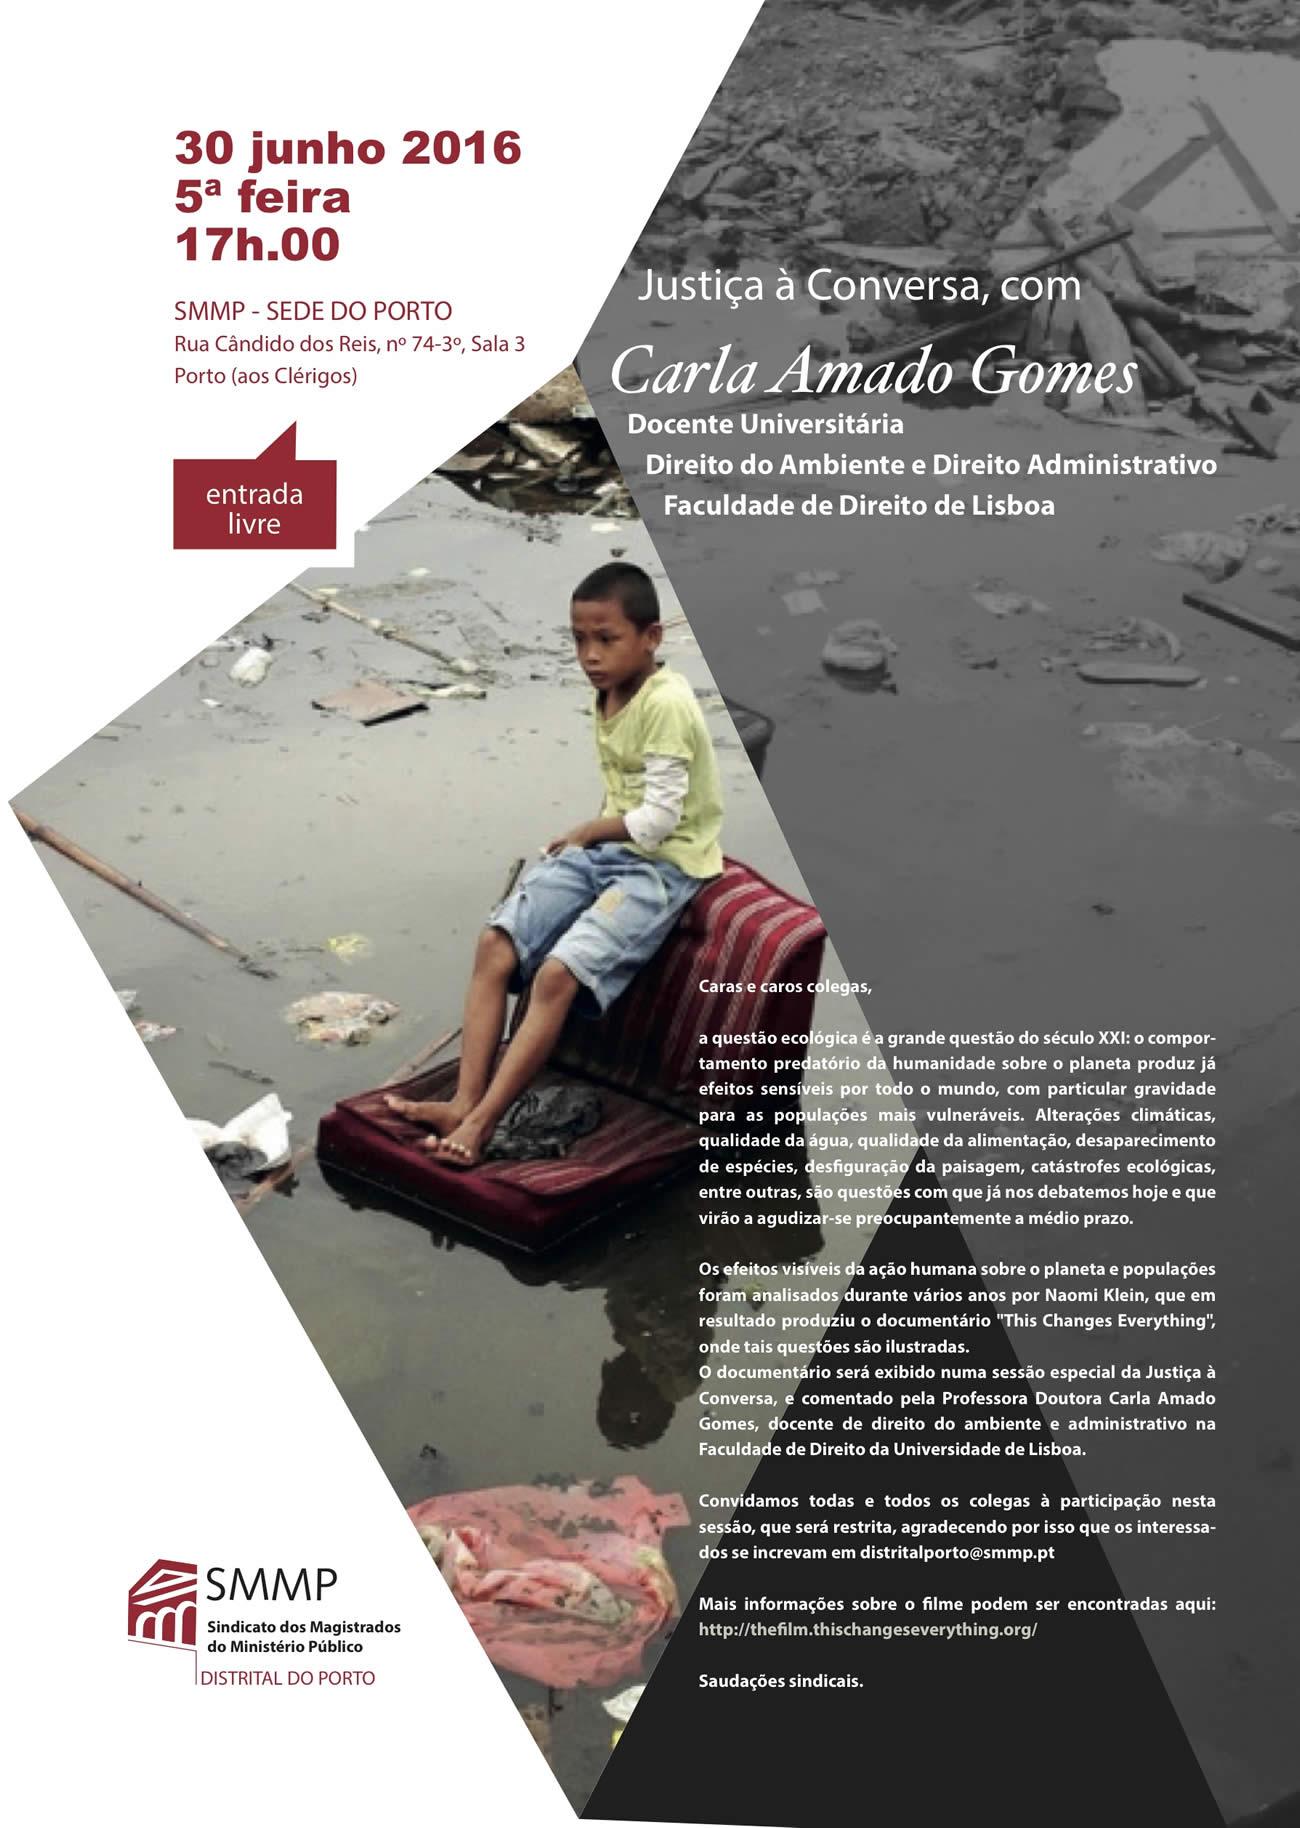 Justiça à conversa com Carla Amado Gomes